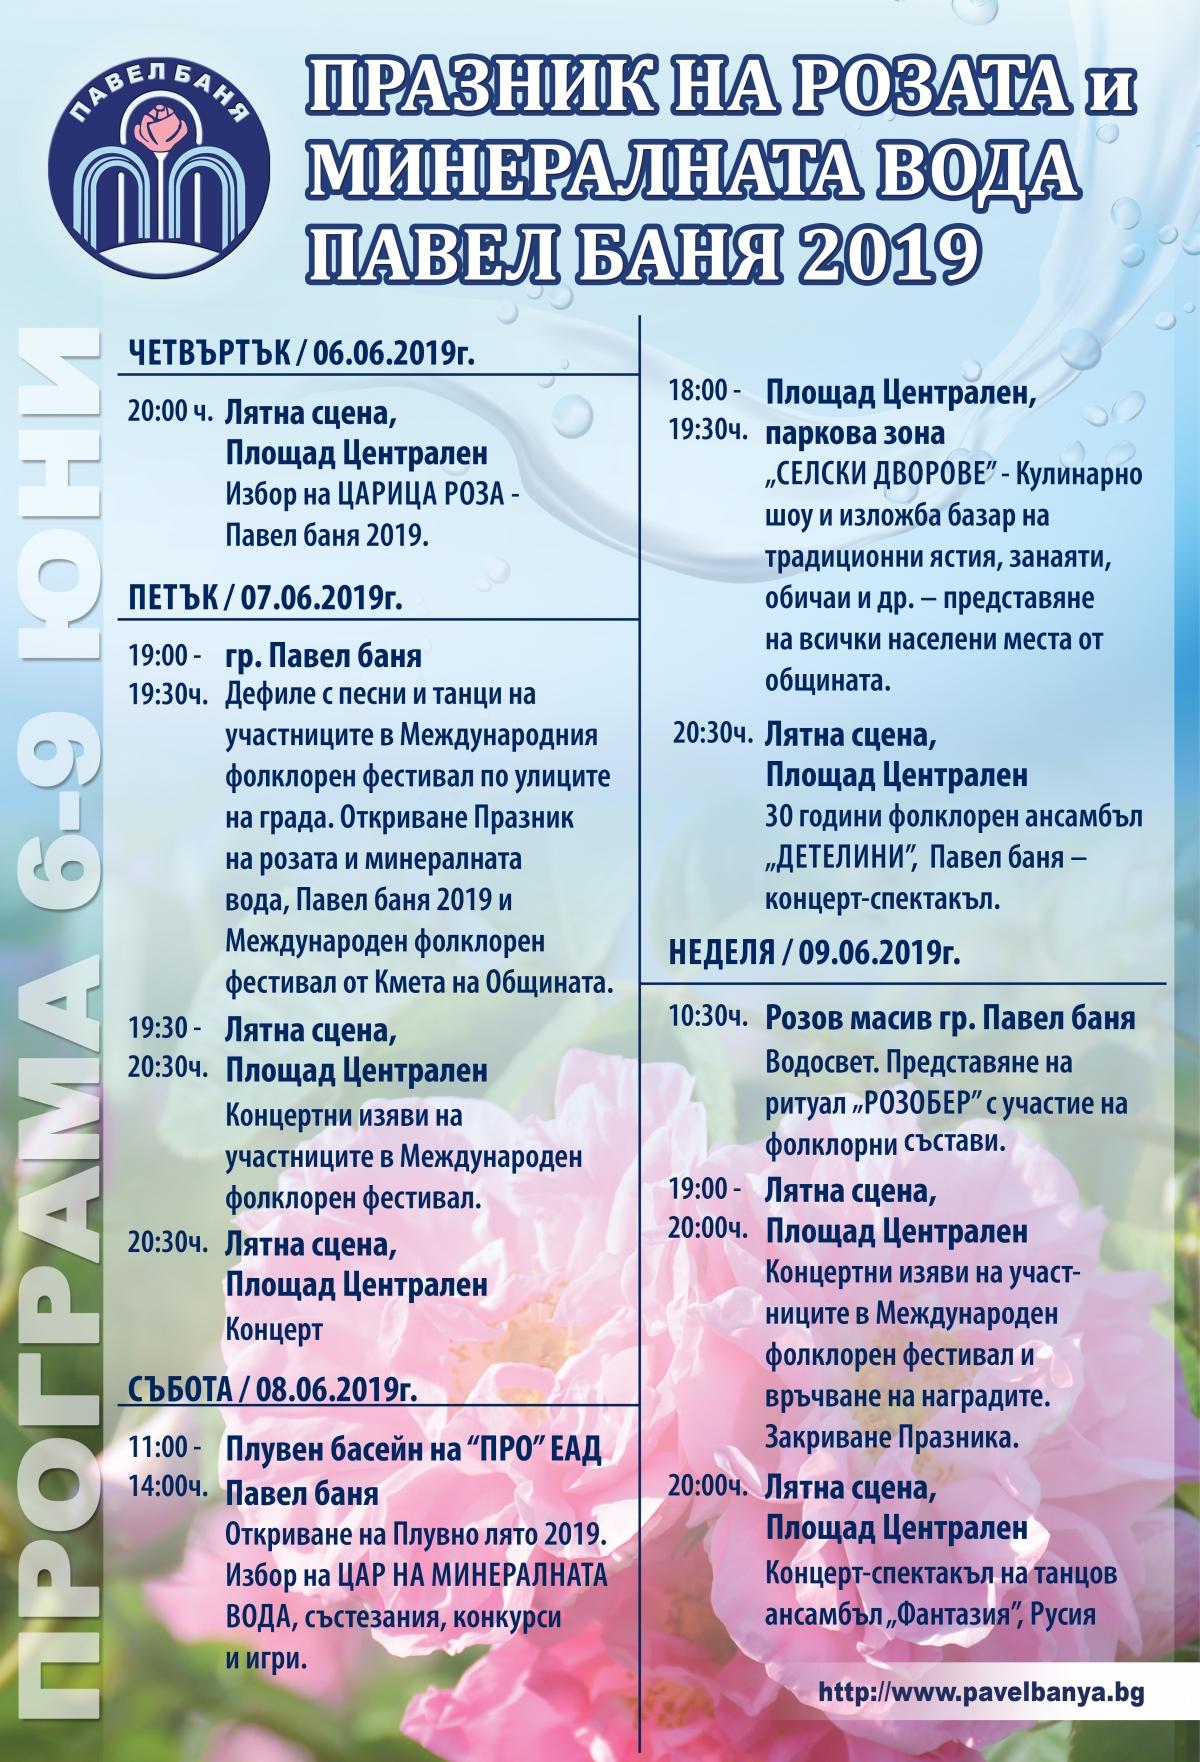 ПРОГРАМА ЗА ПРАЗНИКА НА РОЗАТА И МИНЕРАЛНАТА ВОДА – ПАВЕЛ БАНЯ 2016 от 9 до 12.6.2016г. Публикувано в Pavelbanya.eu